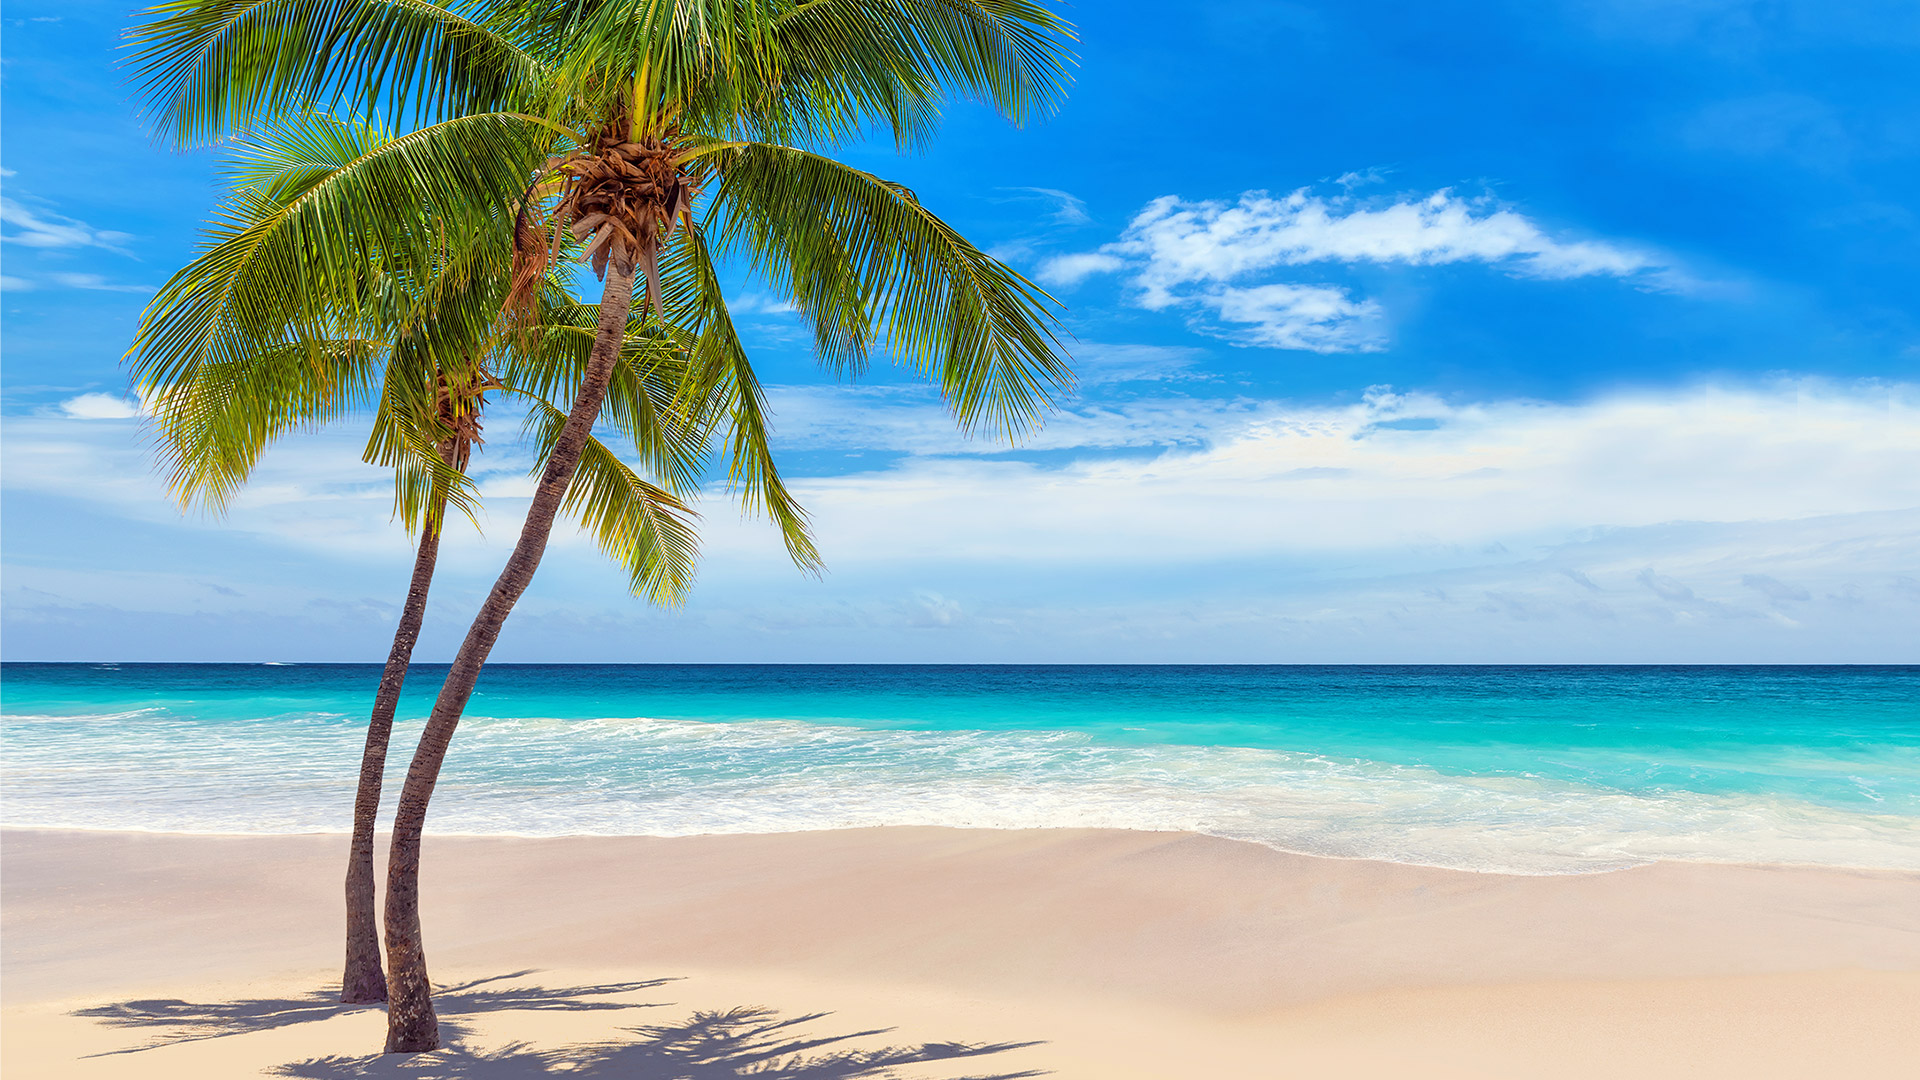 Sejur plaja Punta Cana, Republica Dominicana, 9 zile - 26 iunie 2021